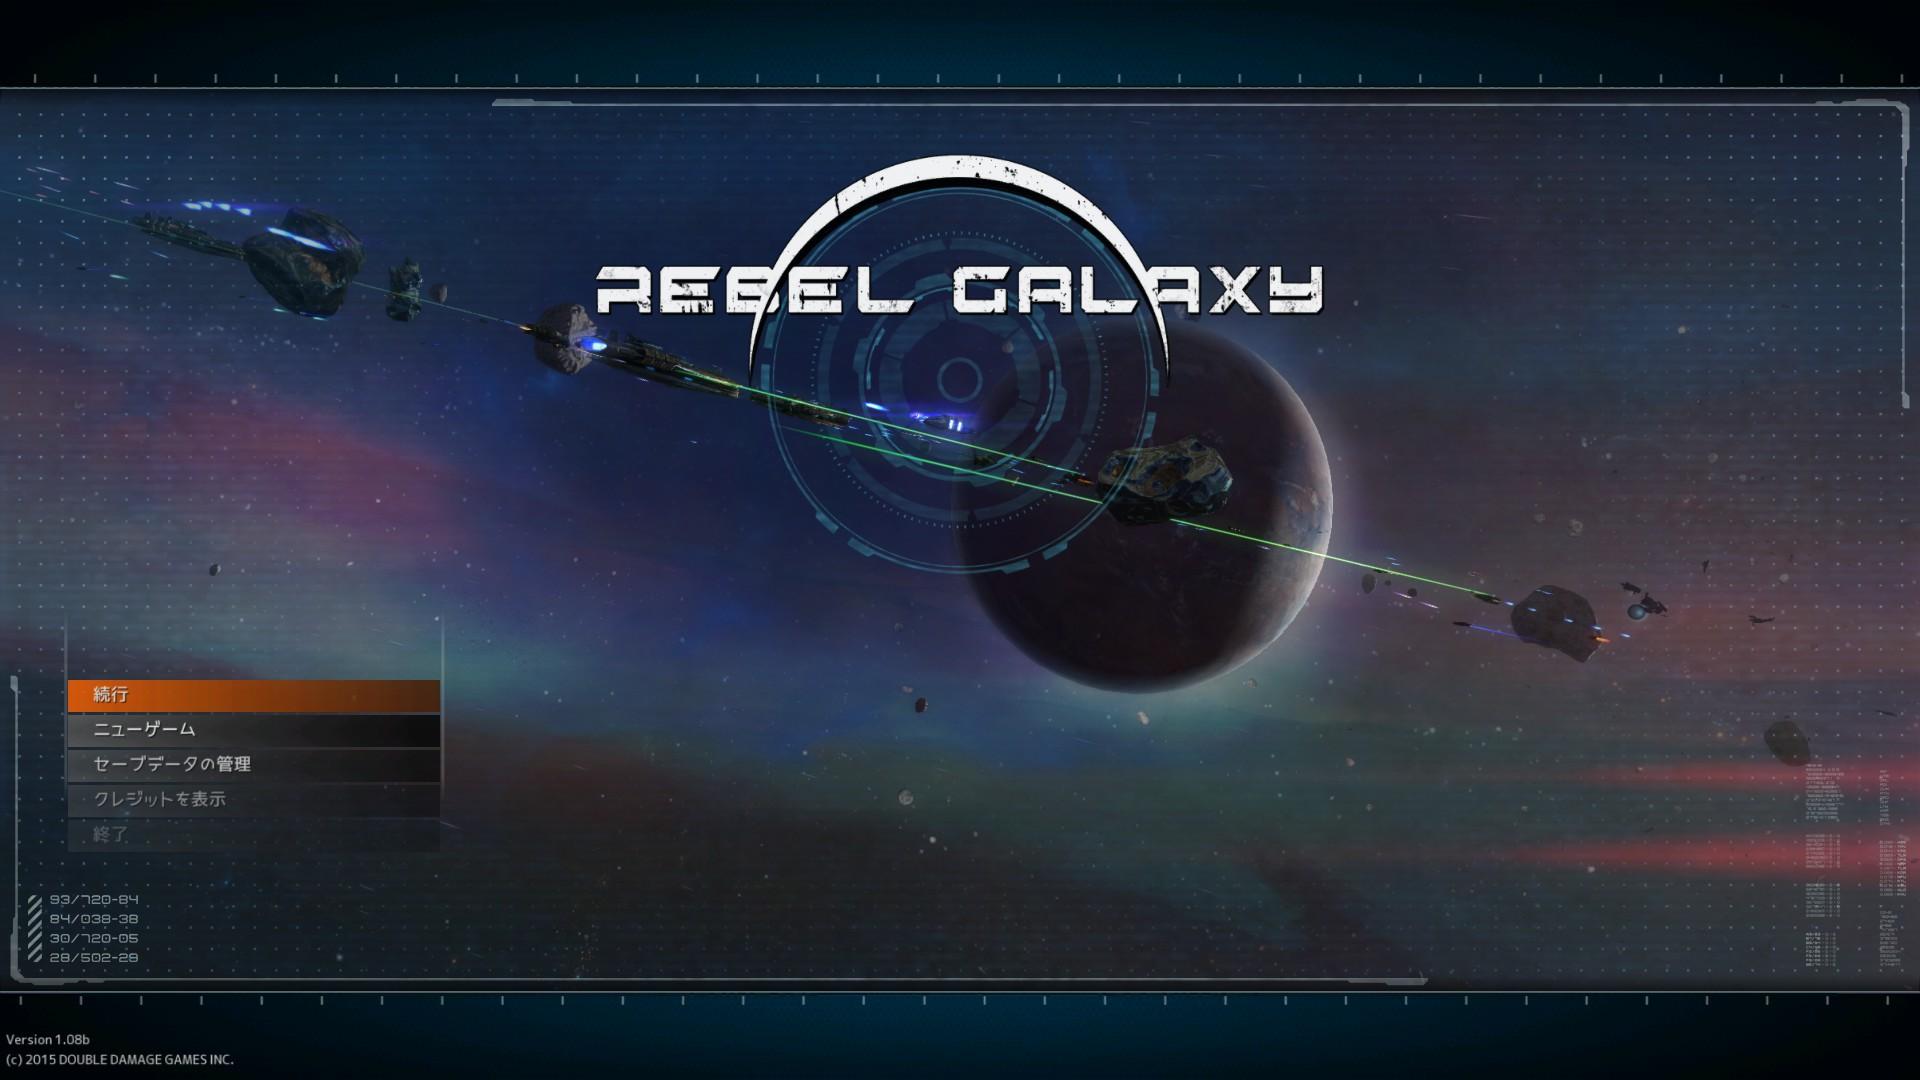 rgalaxy_01.jpg